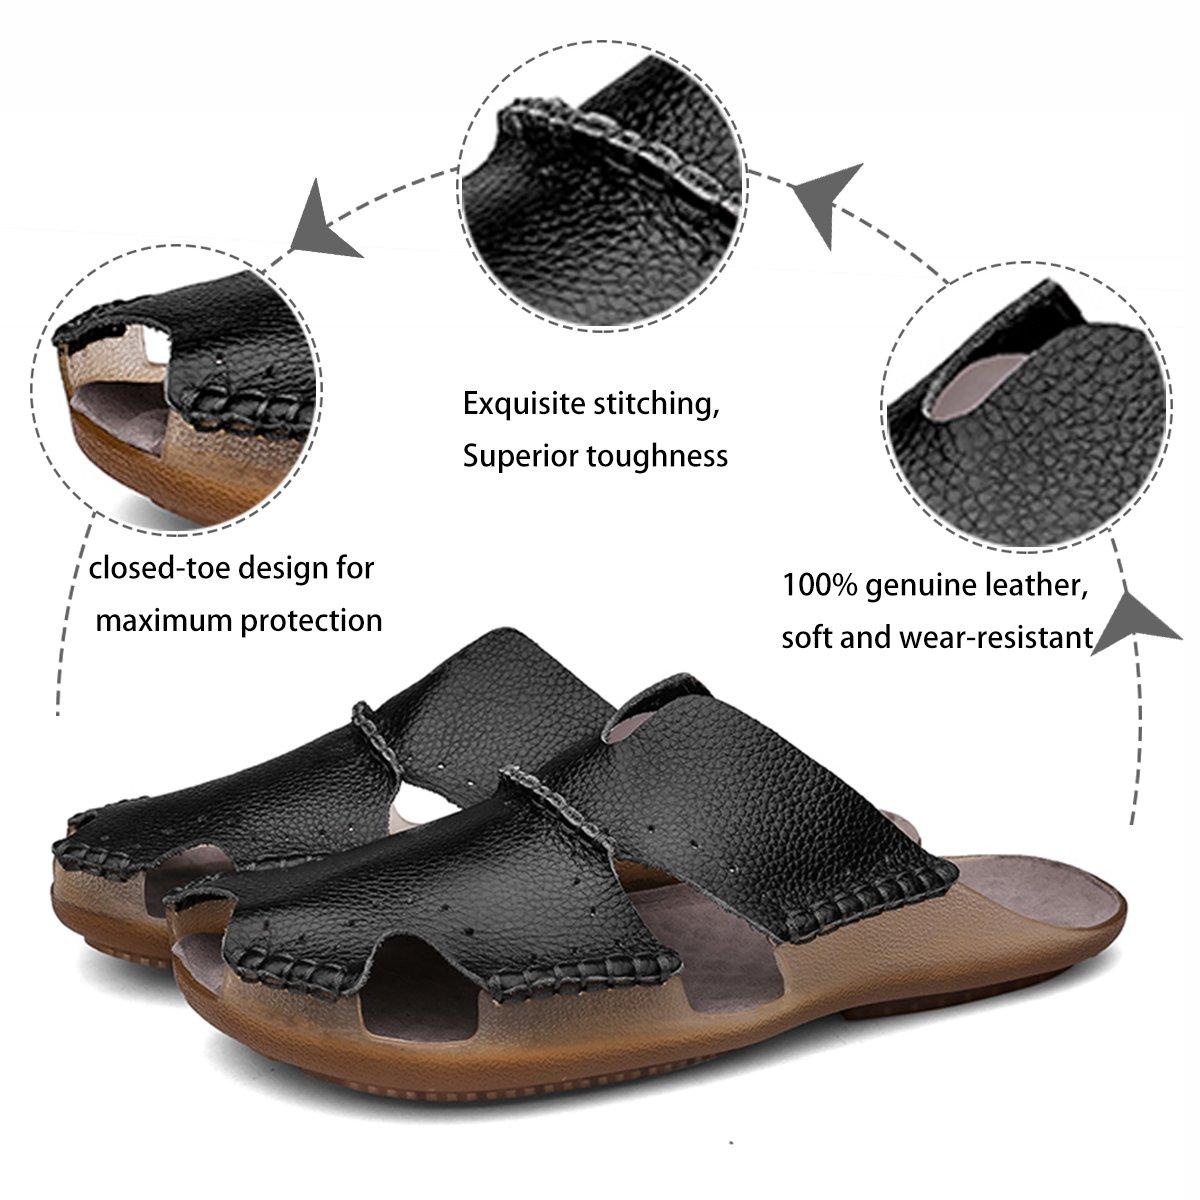 brand new 95ed8 79942 Aliwendy Sandalias de cuero para hombre Diapositivas ocasionales  antideslizantes Deportes al aire libre Verano Playa cerrada Zapatos para el  dedo del pie ...